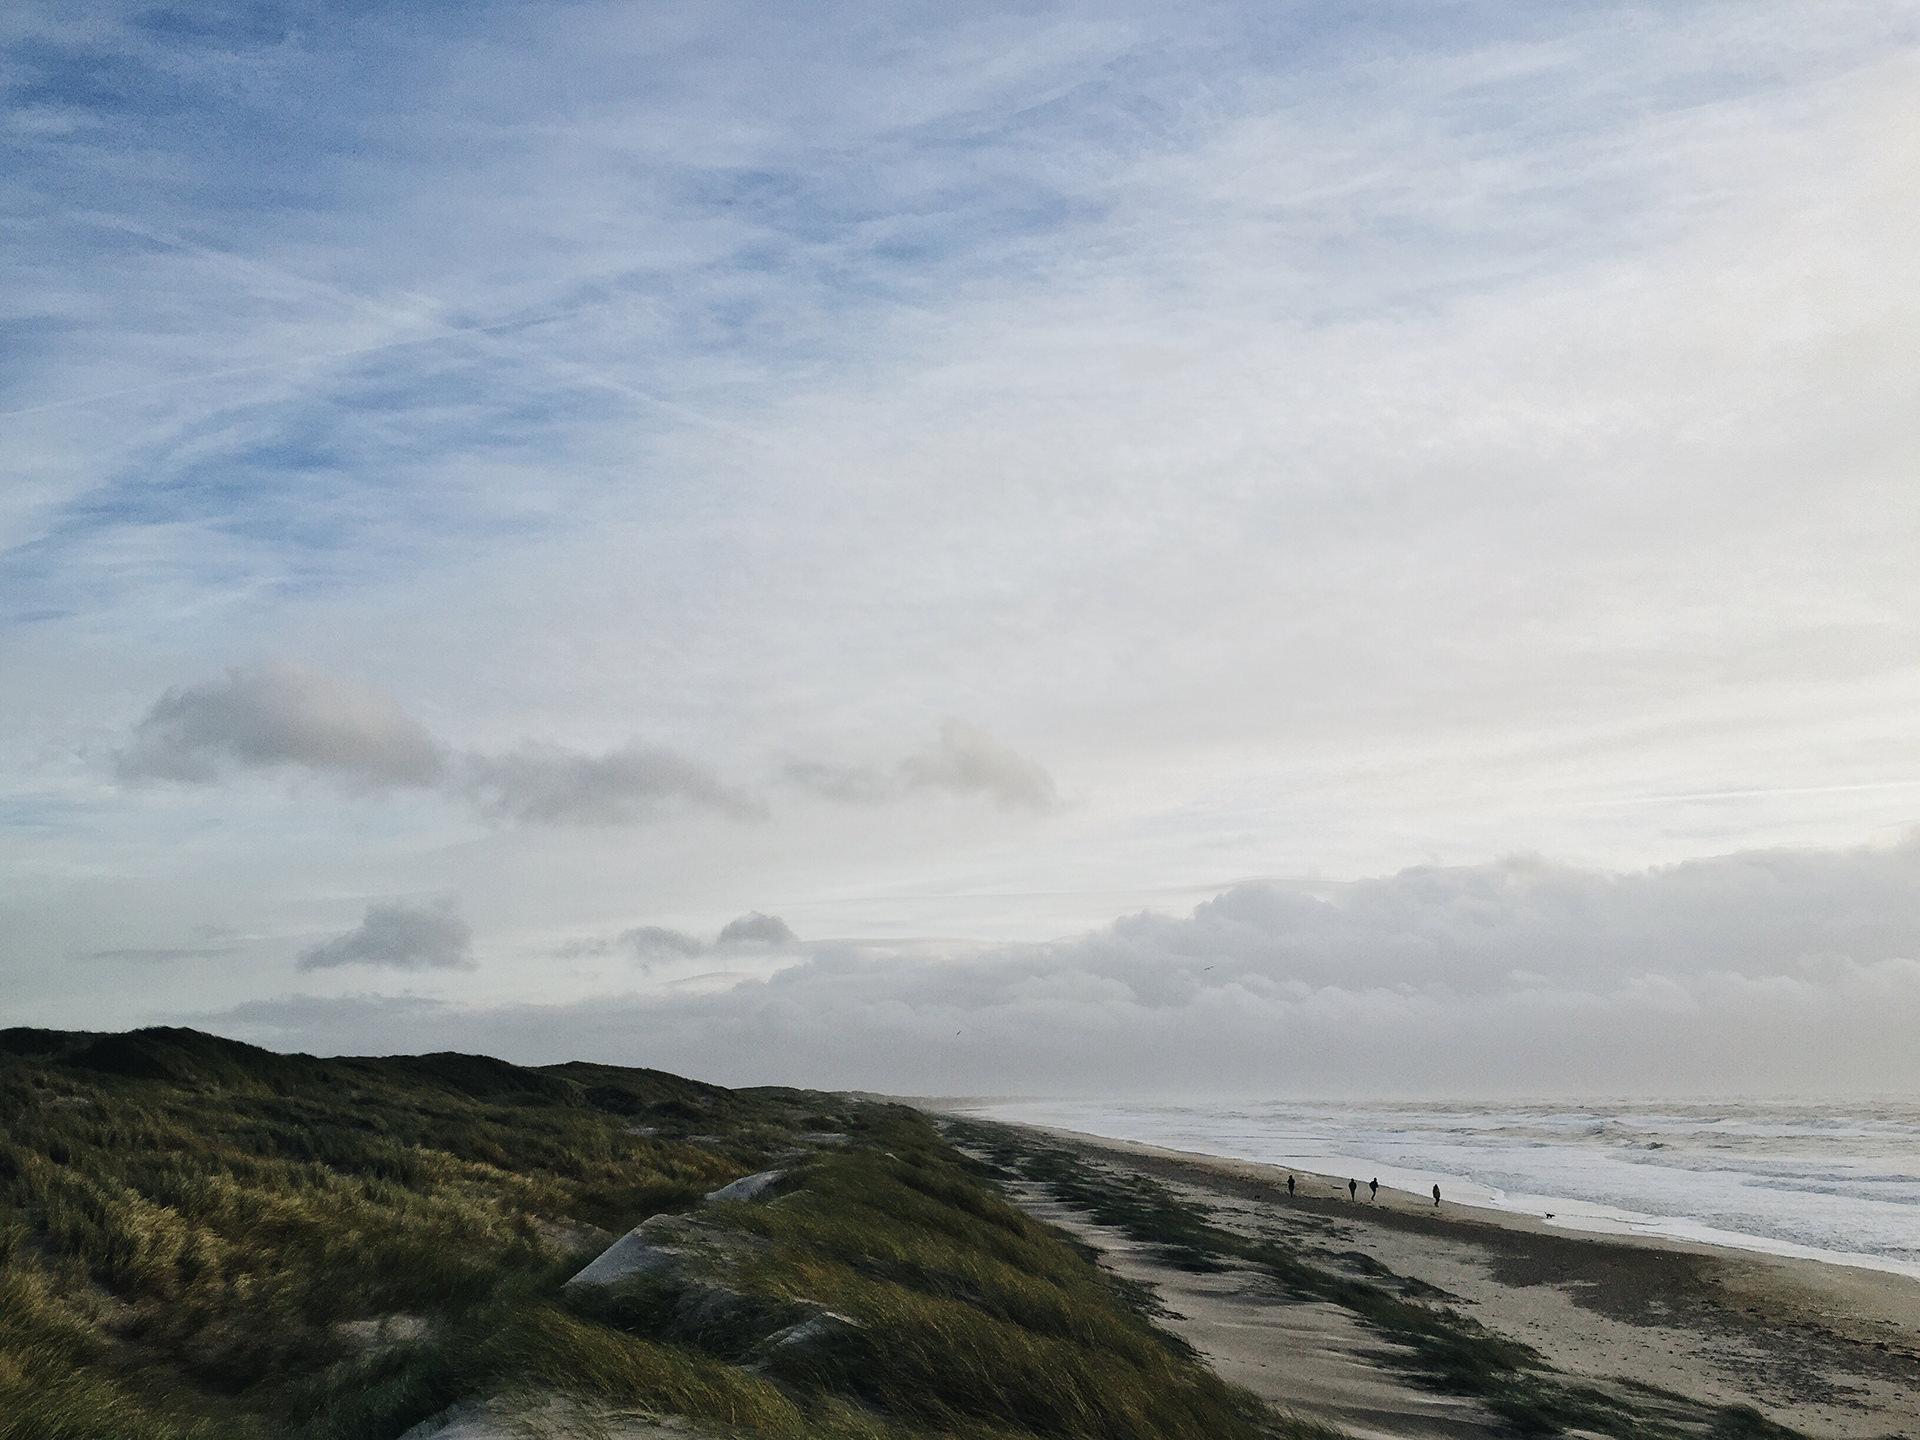 Herrliche Dünenlandschaften in Dänemark, fotografiert mit dem iPhone 6